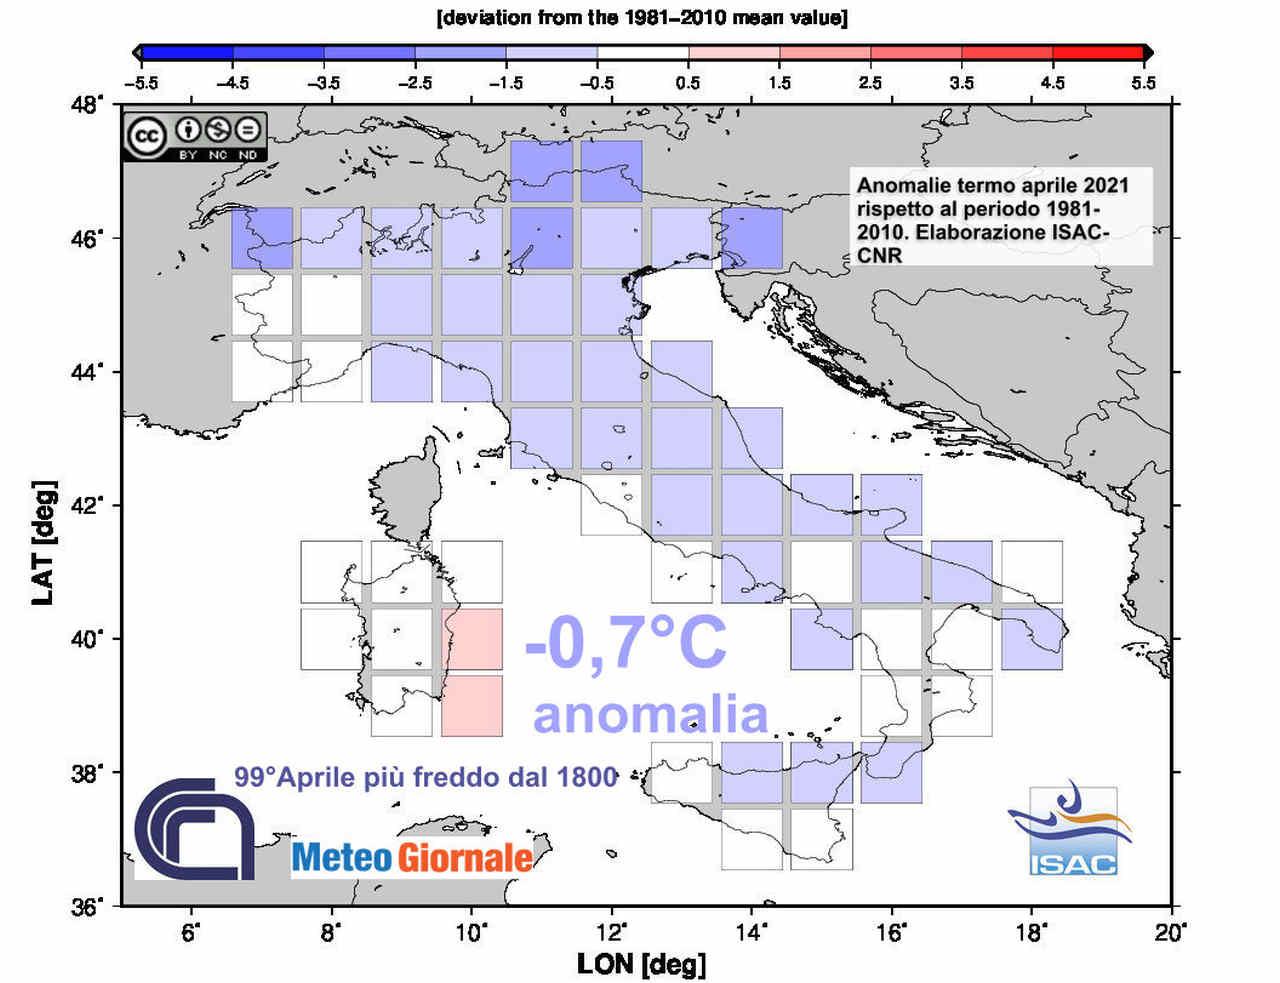 Le anomalie termiche sull'Italia nel mese d'aprile appena trascorso